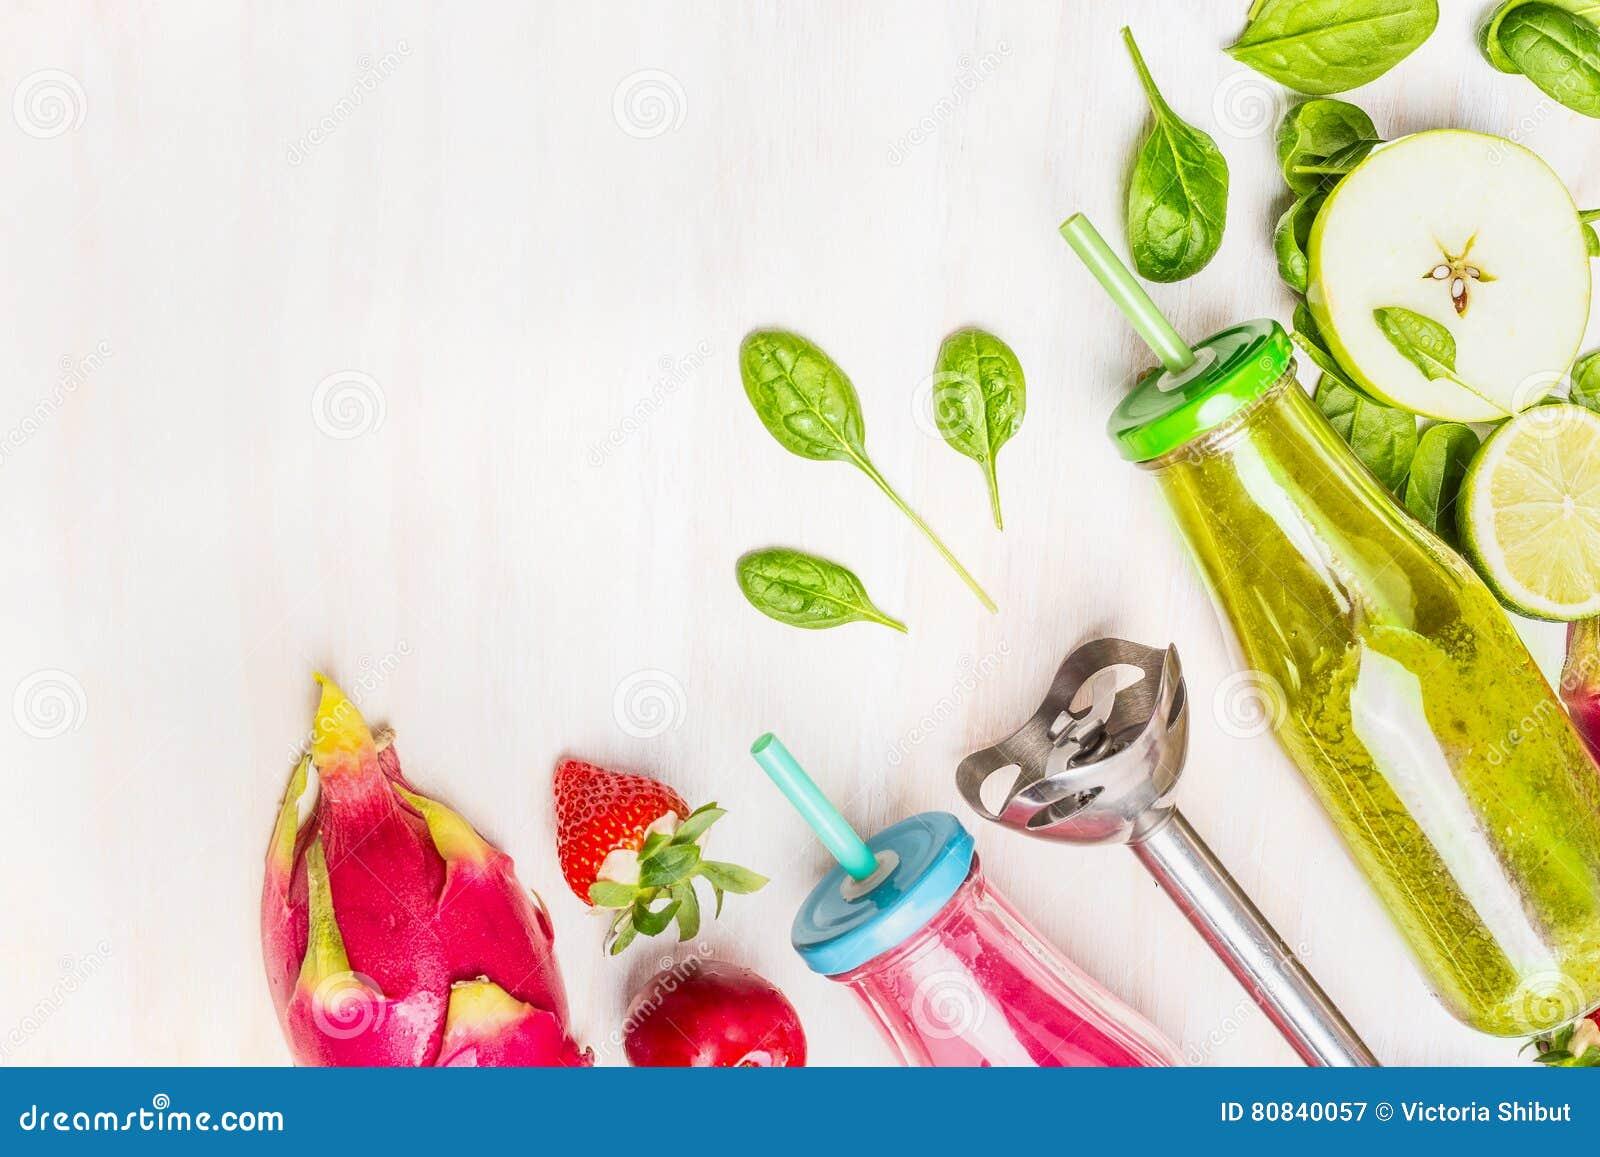 Sund mat med rosa färg- och gräsplansmoothies i flaskor med sugrör och ingredienser: äpple limefrukt, spenat, jordgubbar, plommon